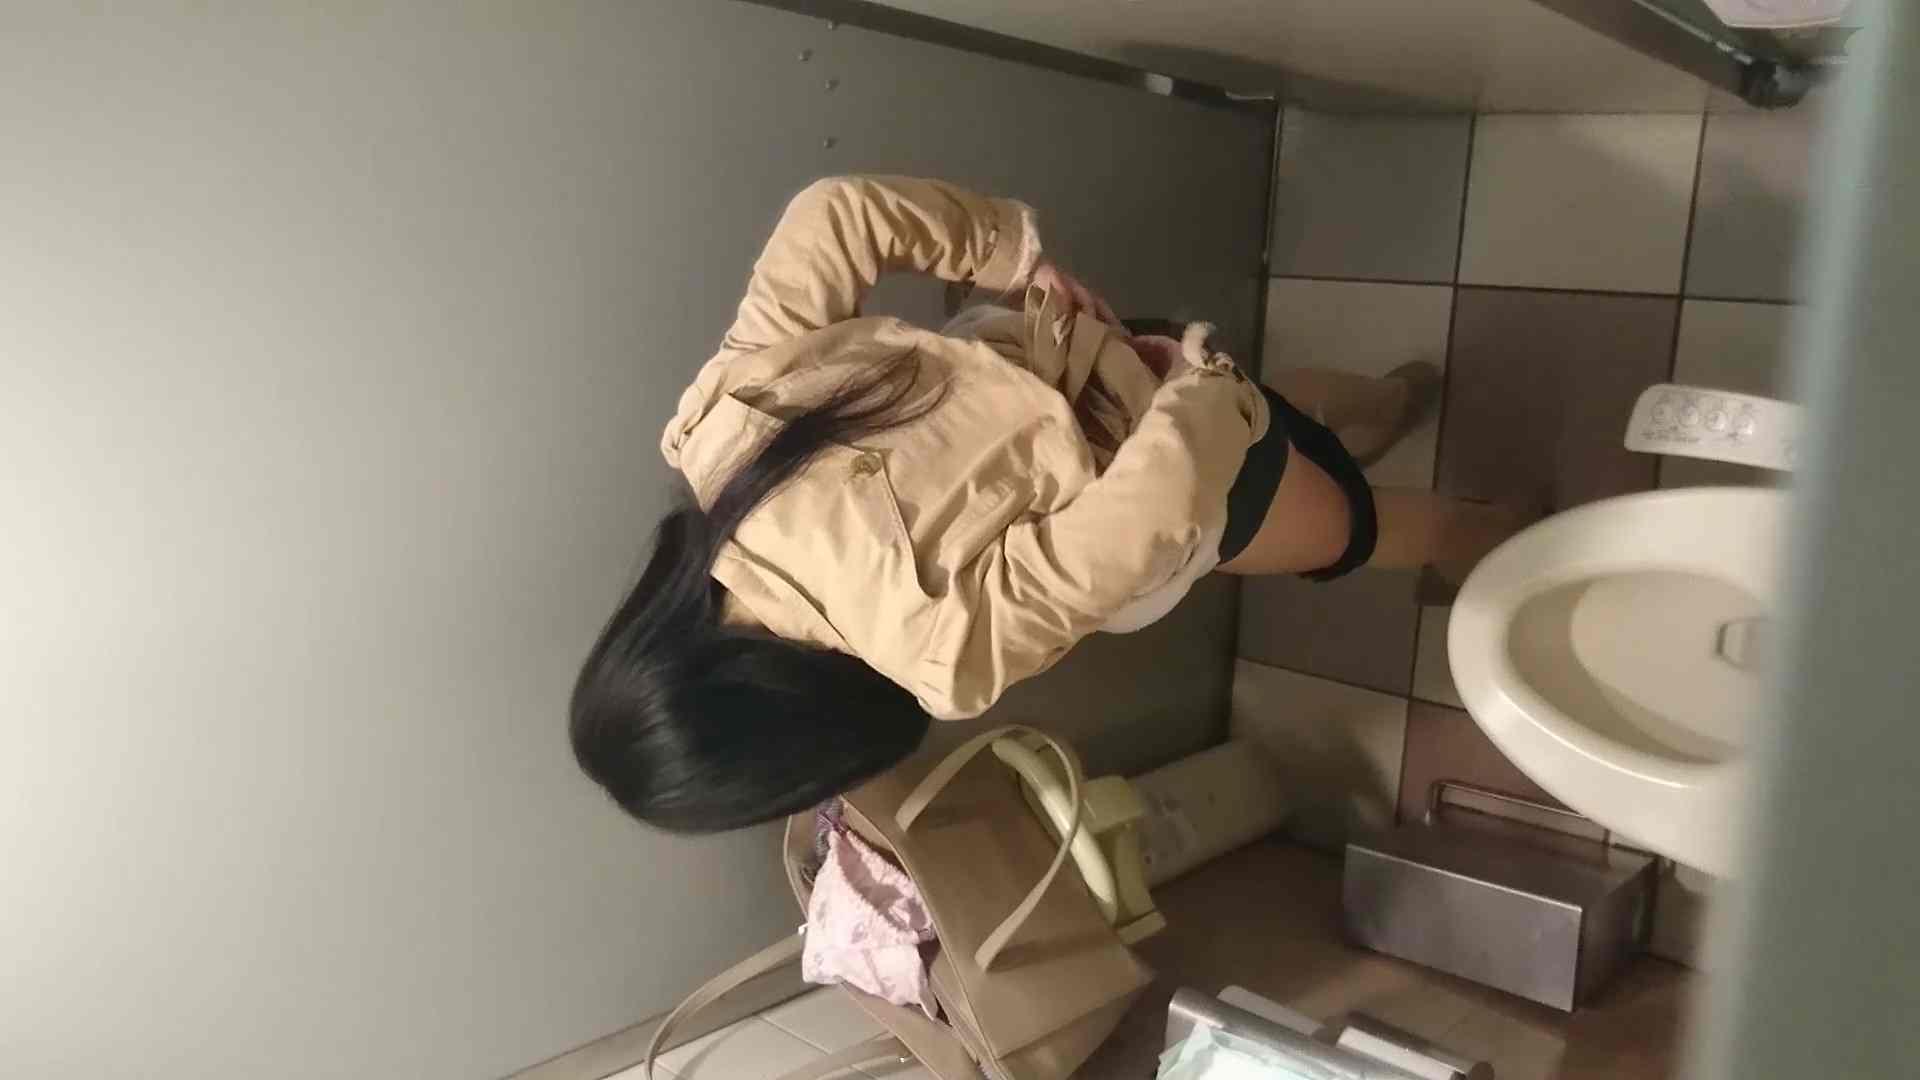 化粧室絵巻 ショッピングモール編 VOL.19 高画質 セックス無修正動画無料 78枚 30